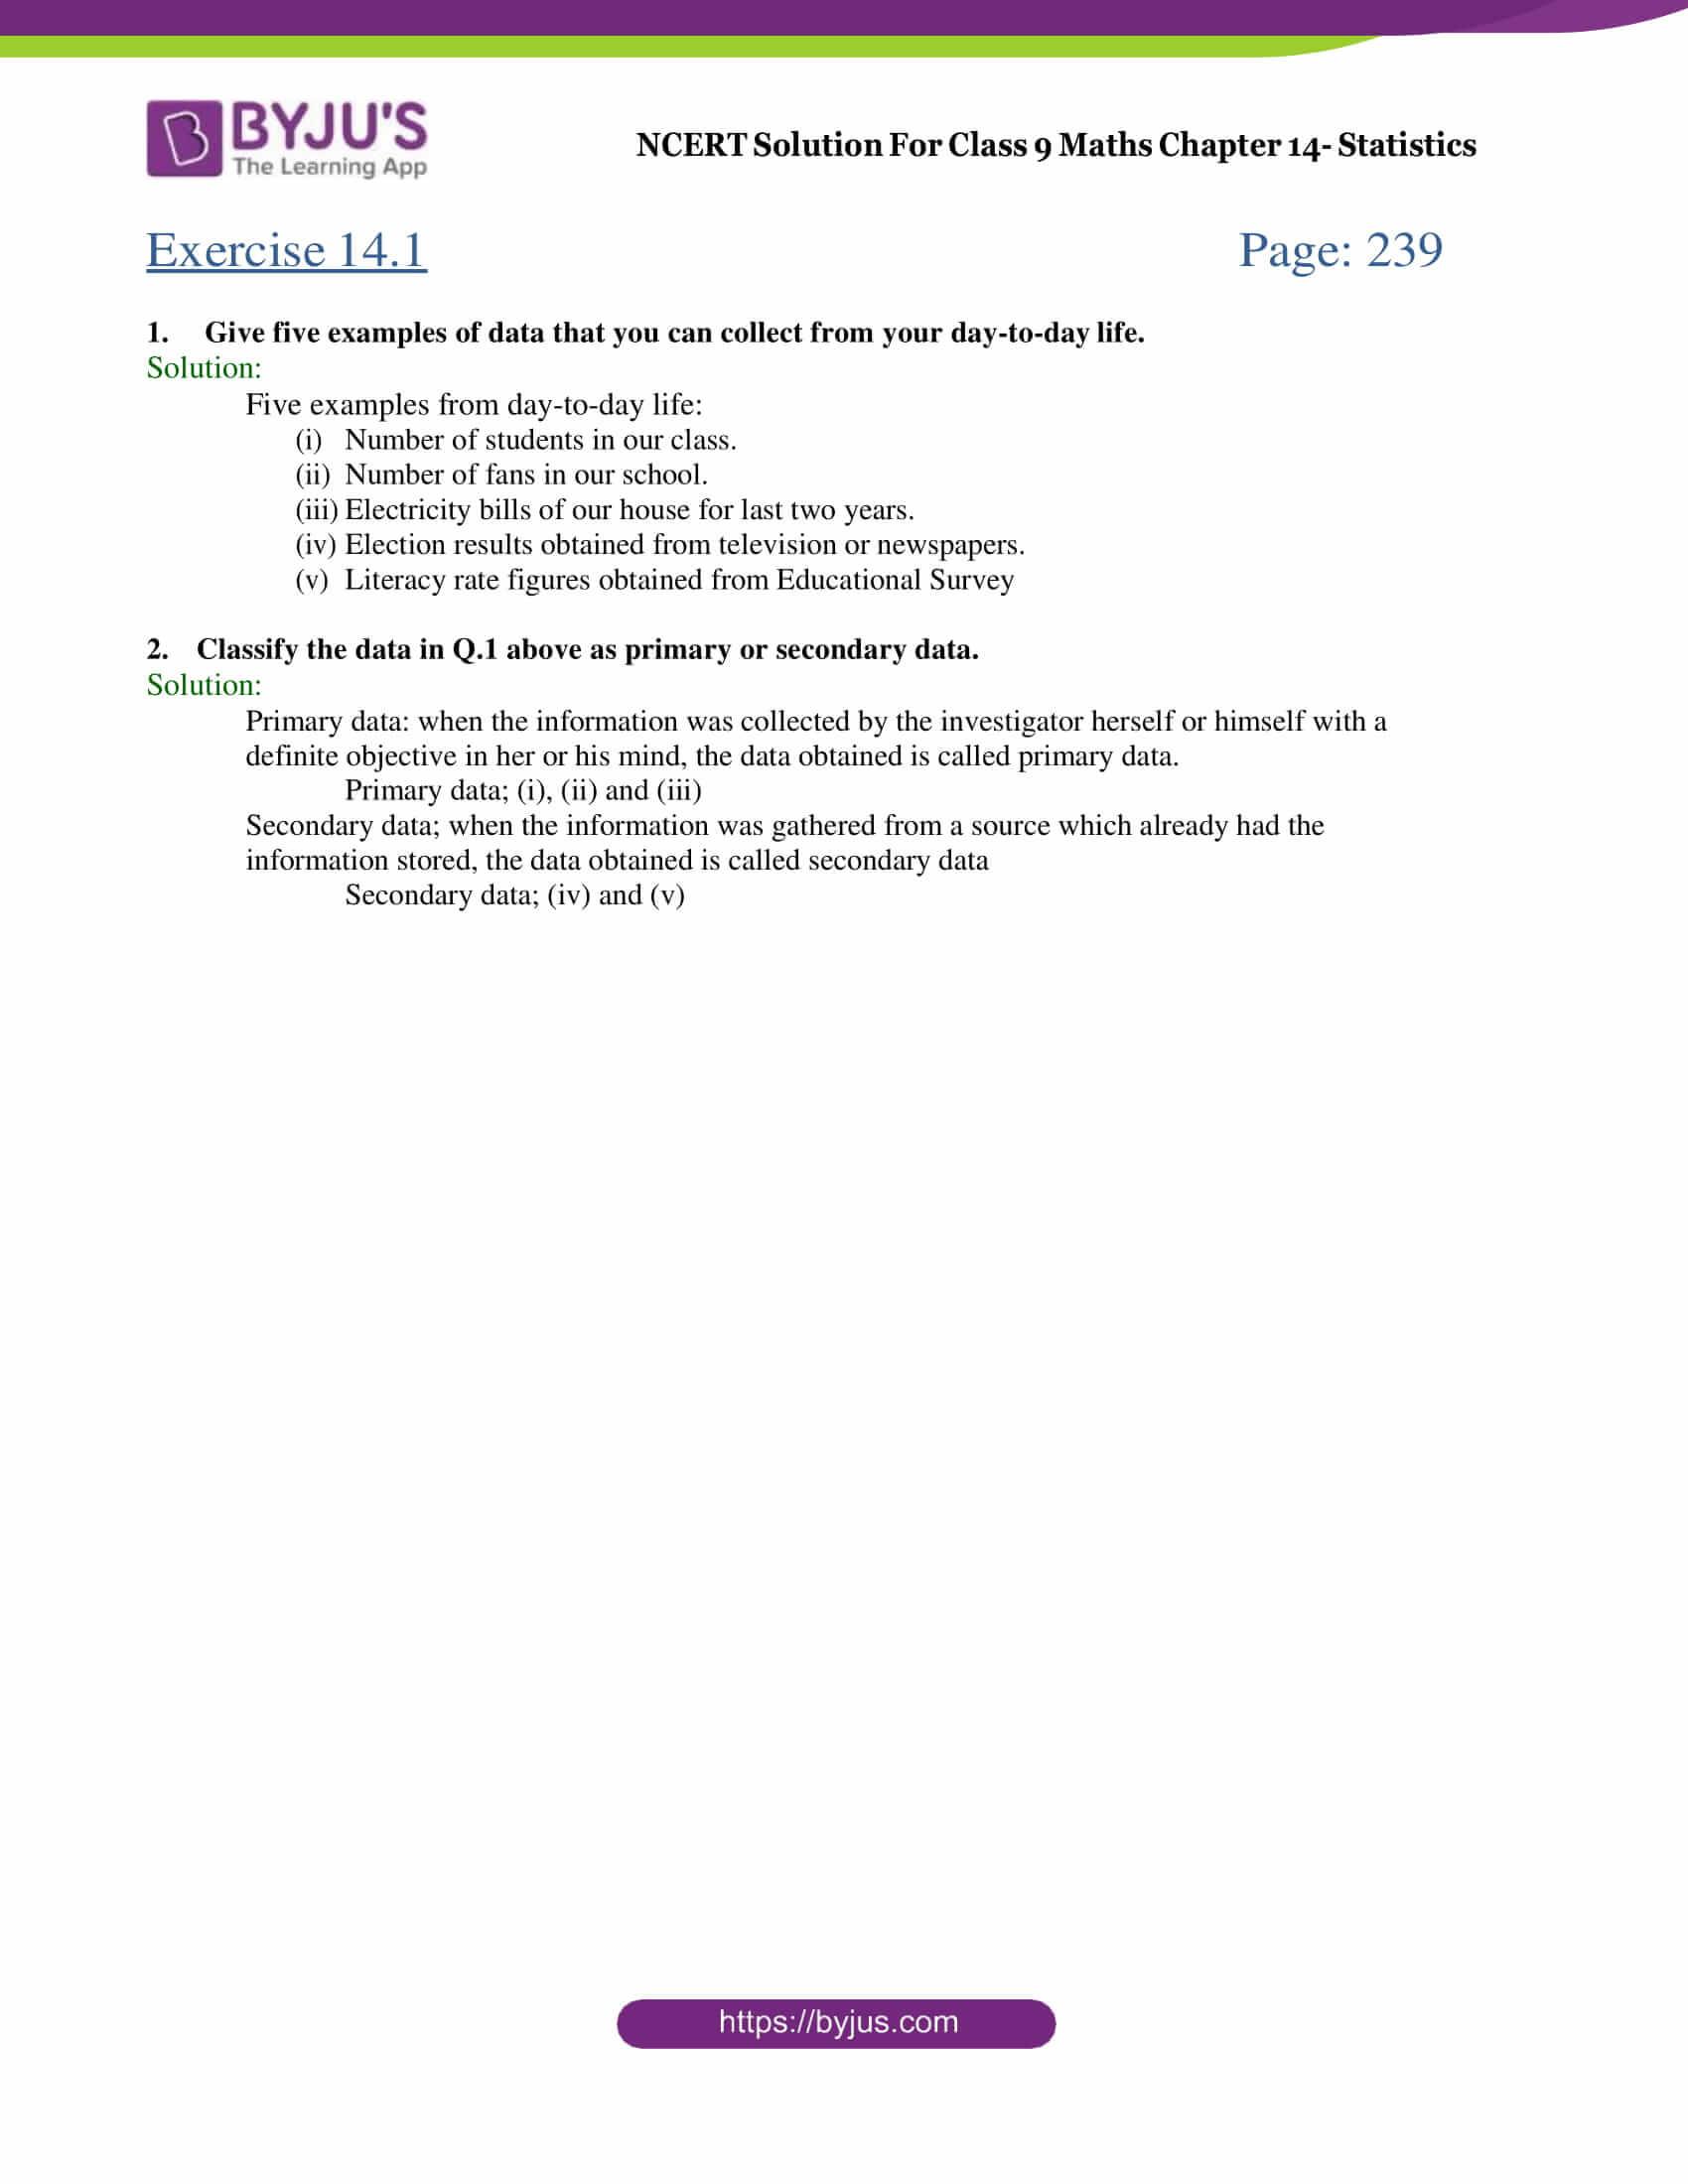 NCERT Solution Class 9 Maths Chapter 14 Statistics Exercise 14.1 Part 1